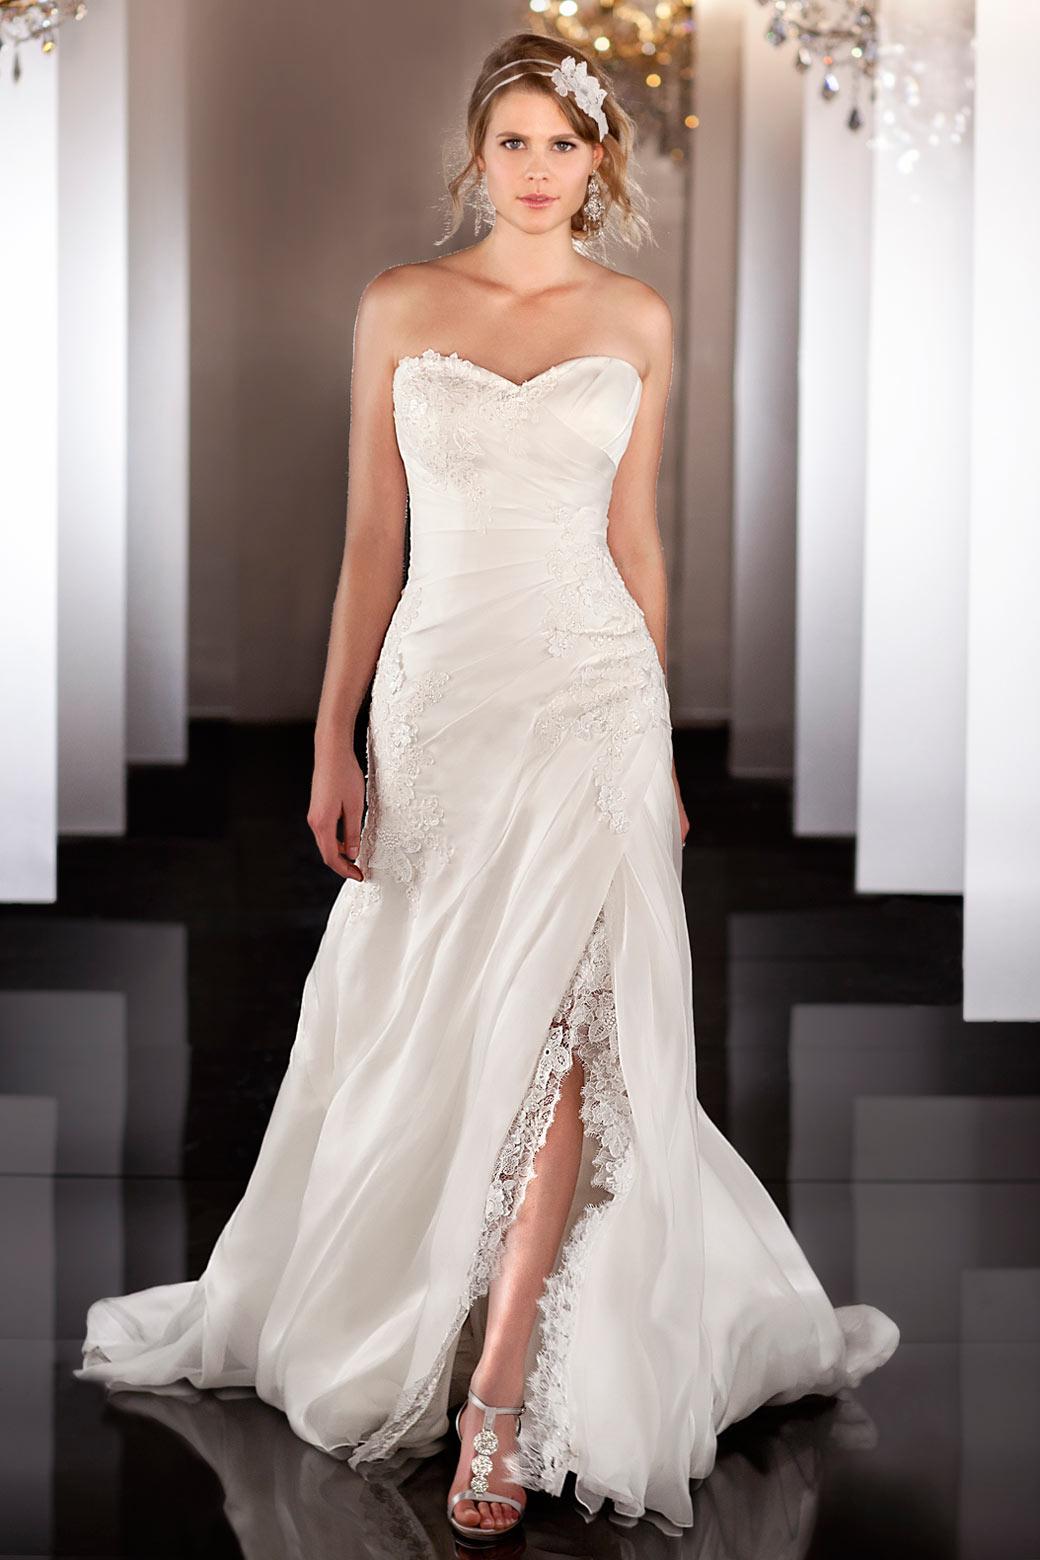 Robe de mariee, le modèle de vos rêves